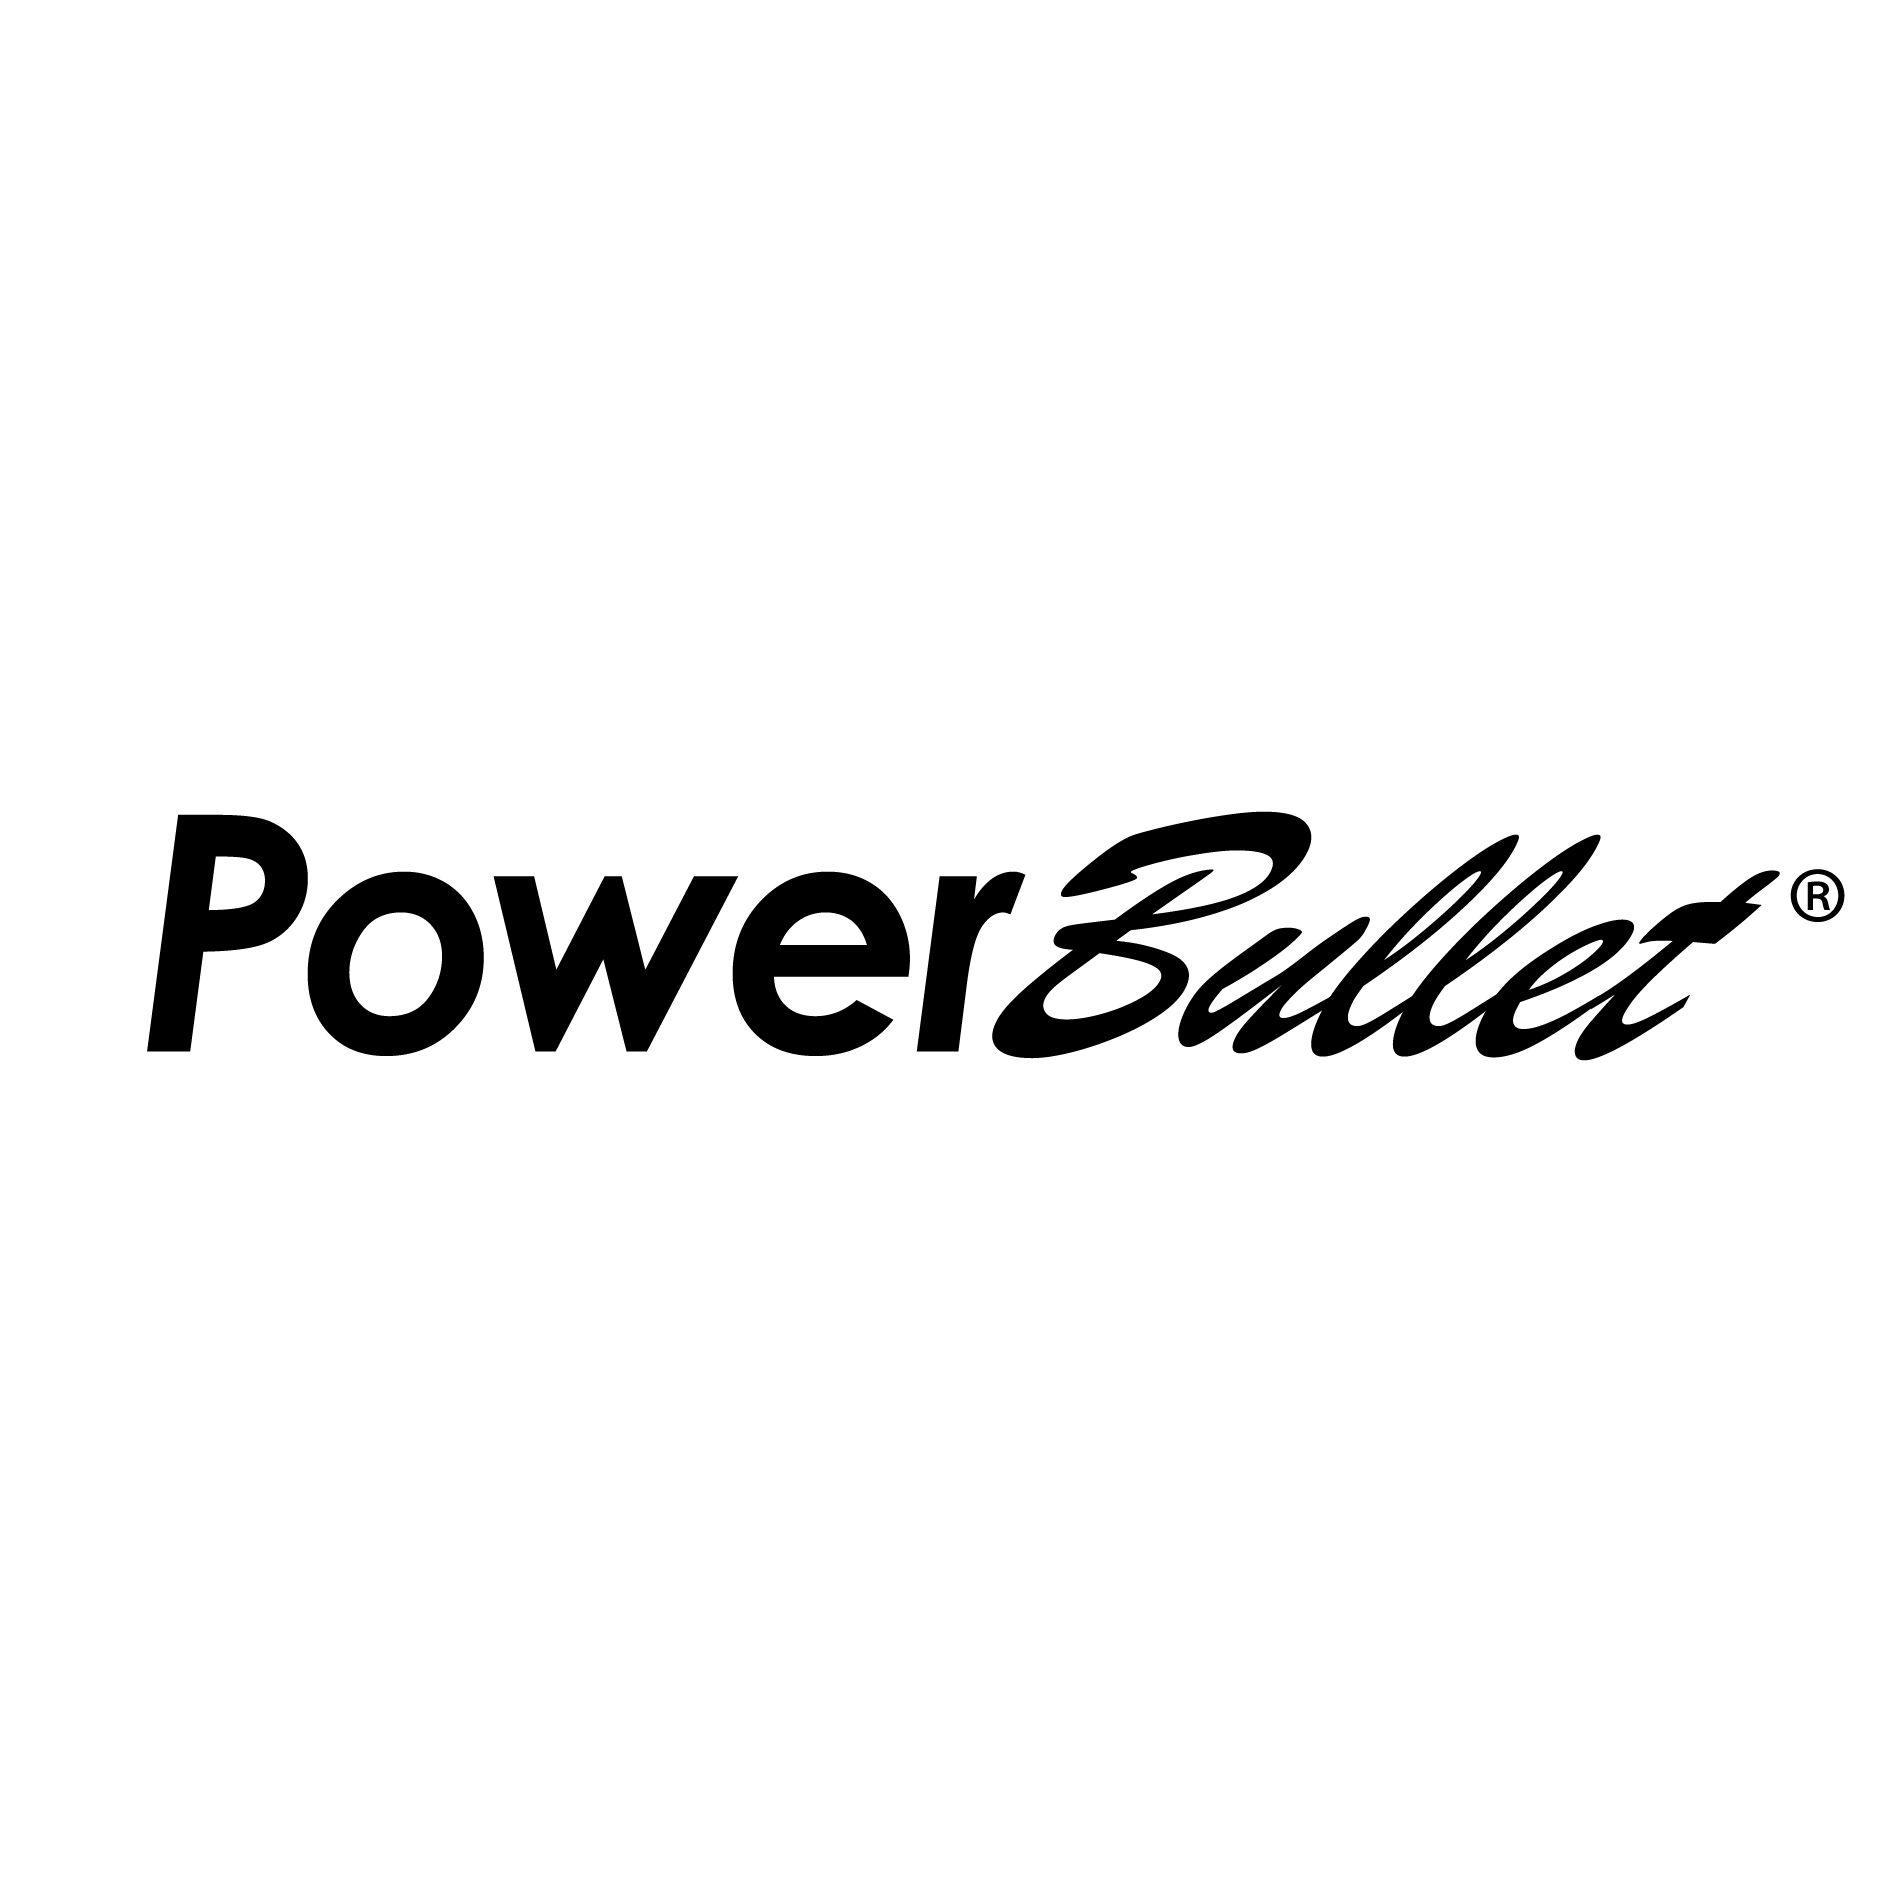 Powerbullet Logo